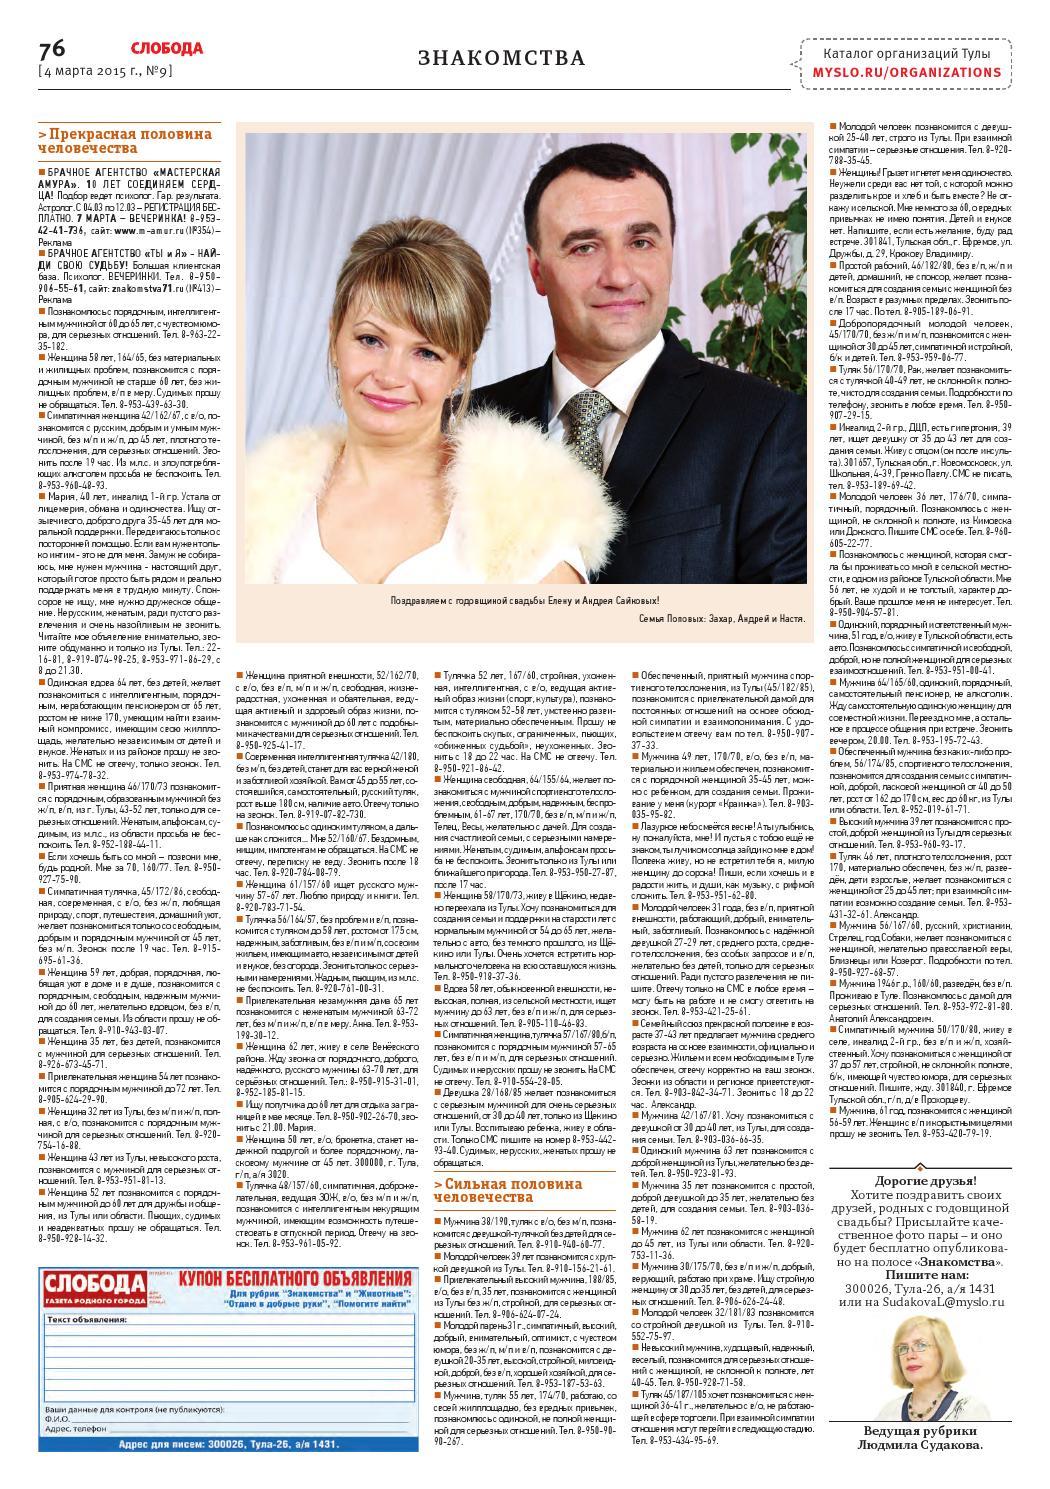 Слобода в газете знакомстве тула о объявления